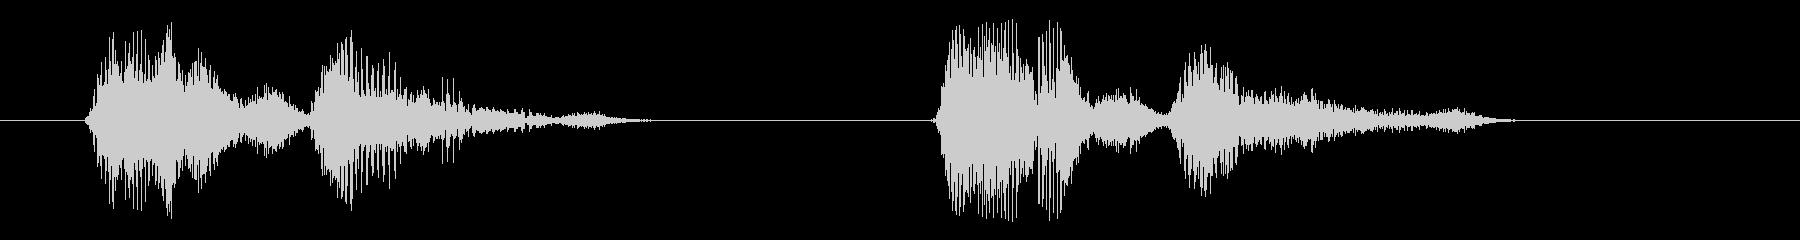 コンピューター、男性の声:バトルス...の未再生の波形